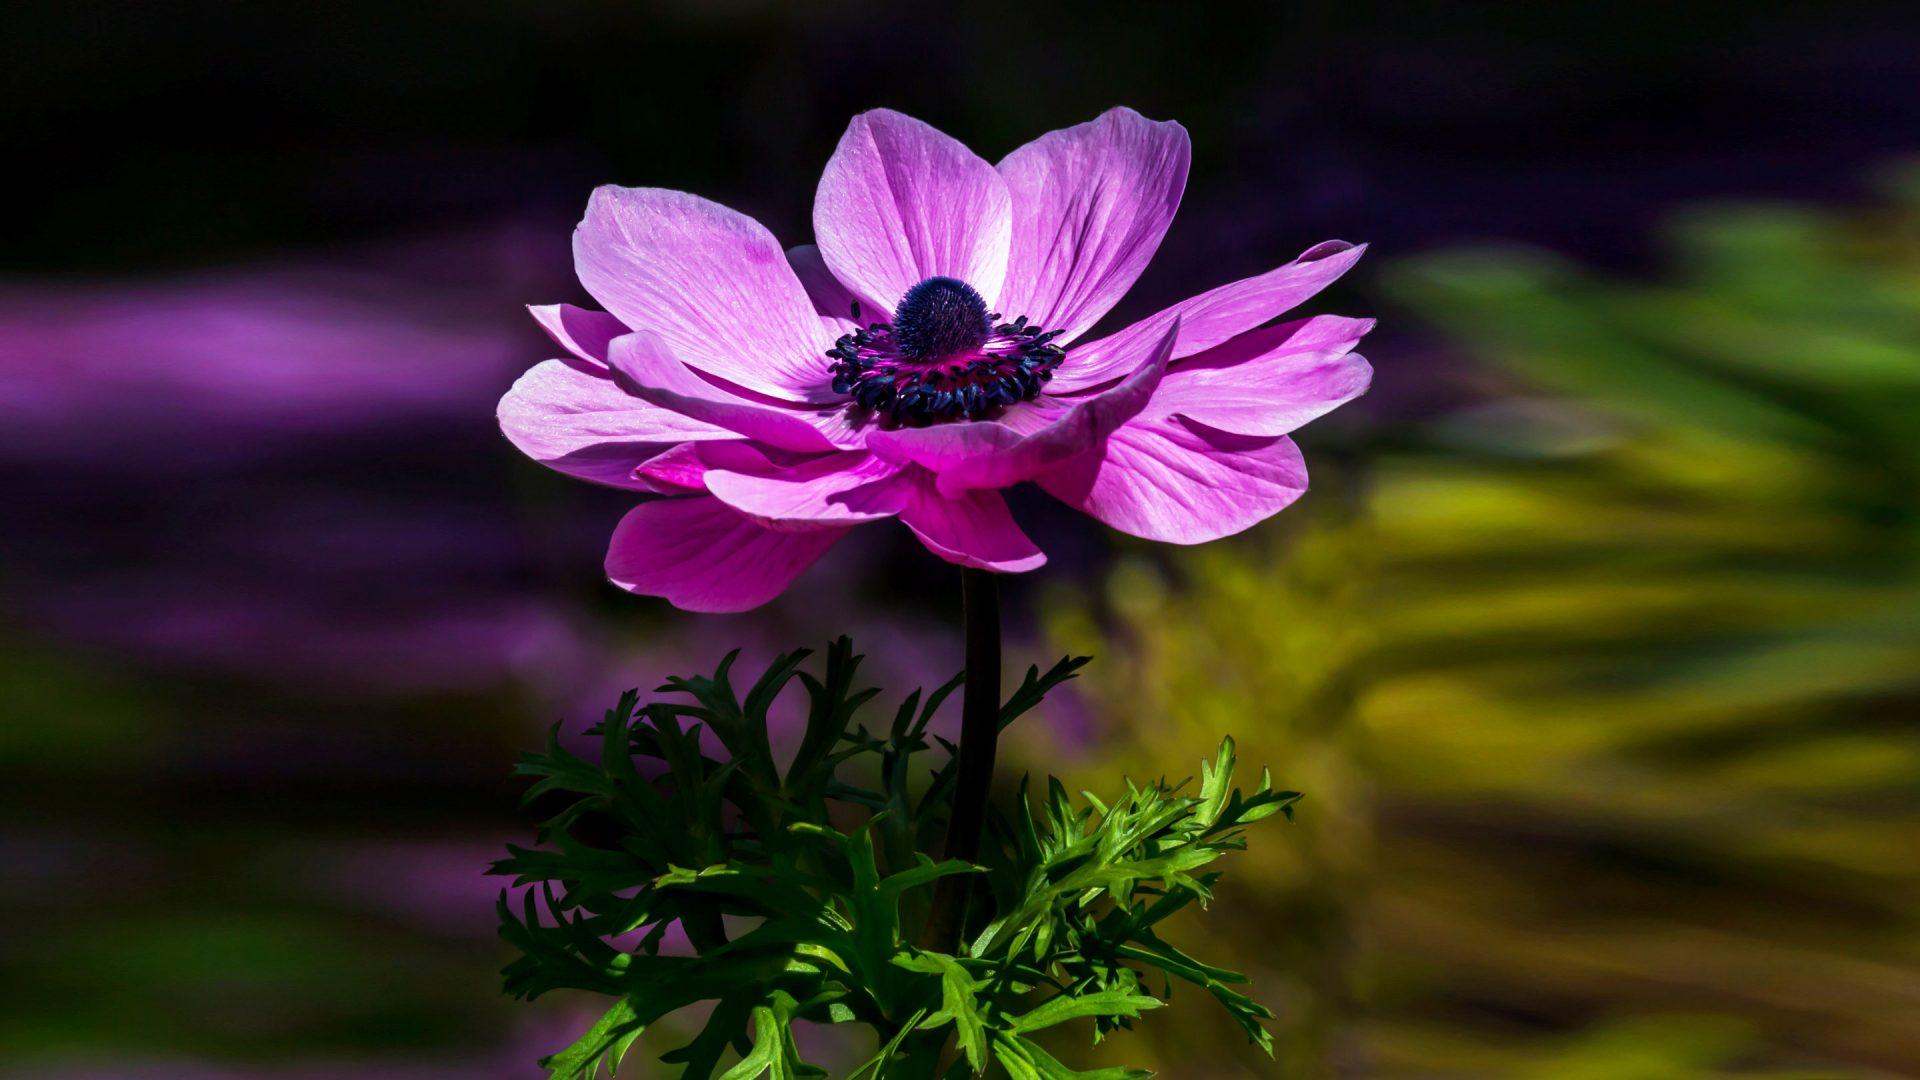 Flower Desktop - HD Wallpaper